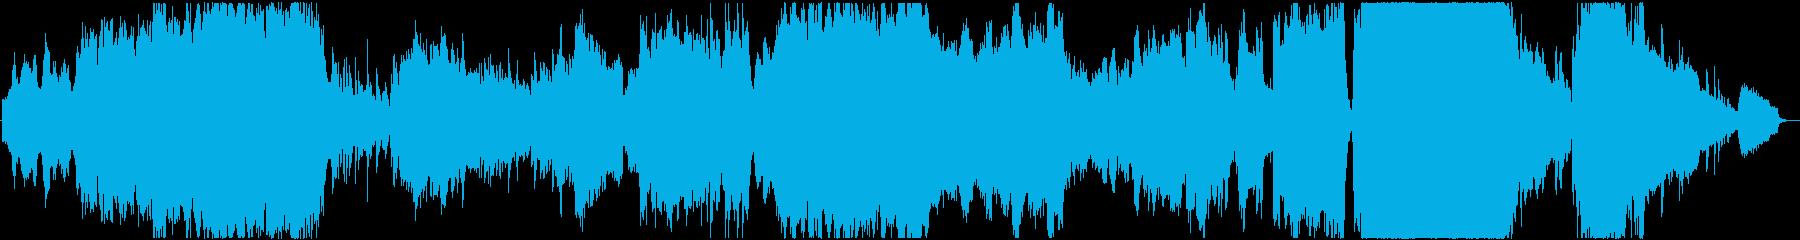 夜景・オーロラをイメージした神秘的な曲の再生済みの波形